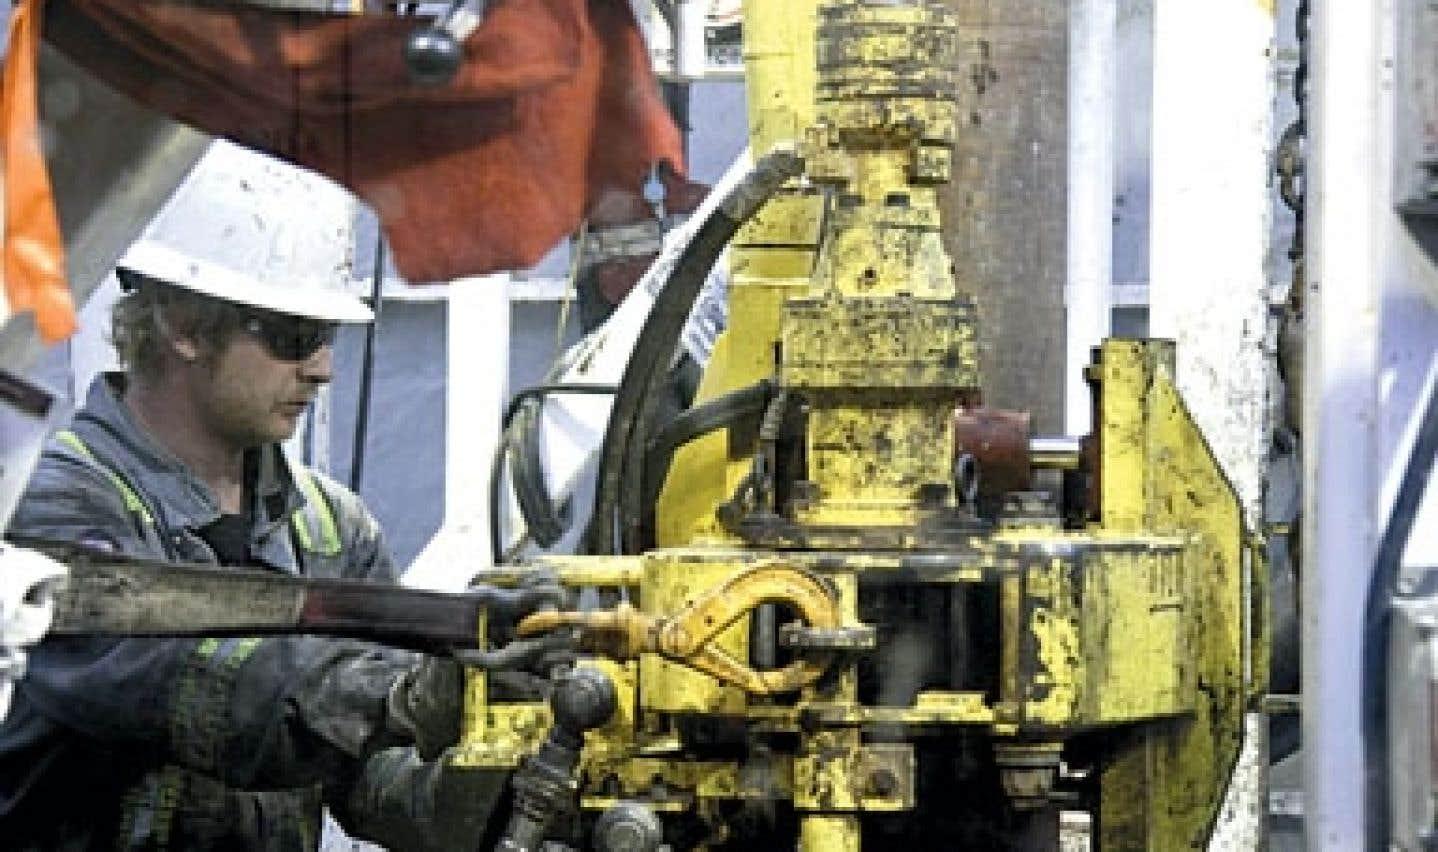 Interdiction de forage - Québec reconnaît le règlement de Gaspé